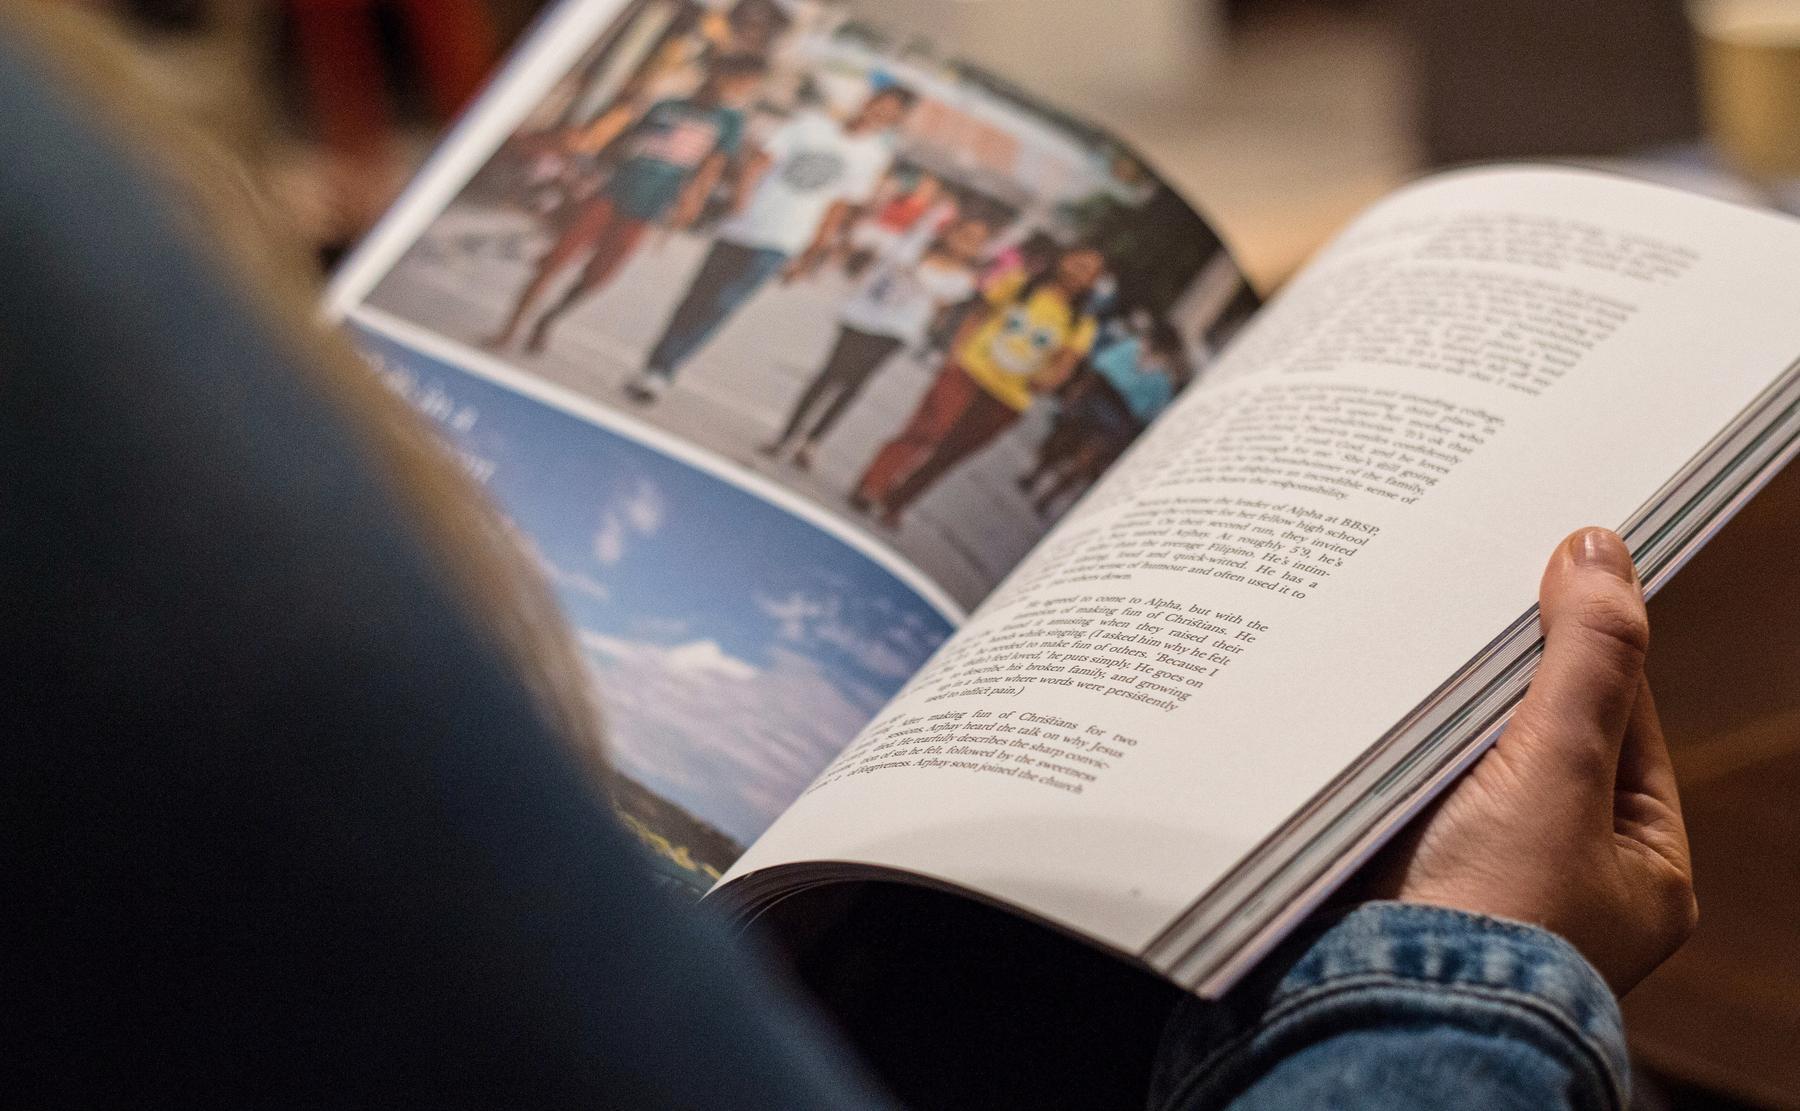 Frau hält ein Magazin in den Händen